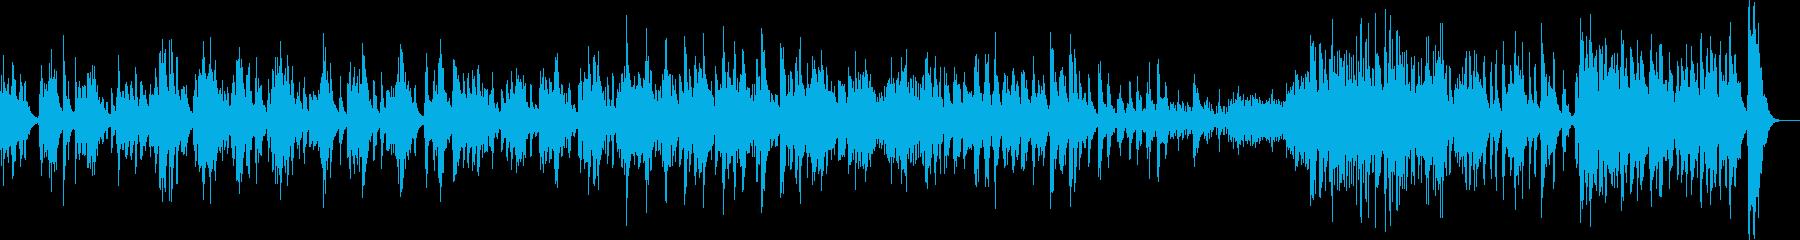 不協和音がいっぱいの木管メインの曲の再生済みの波形